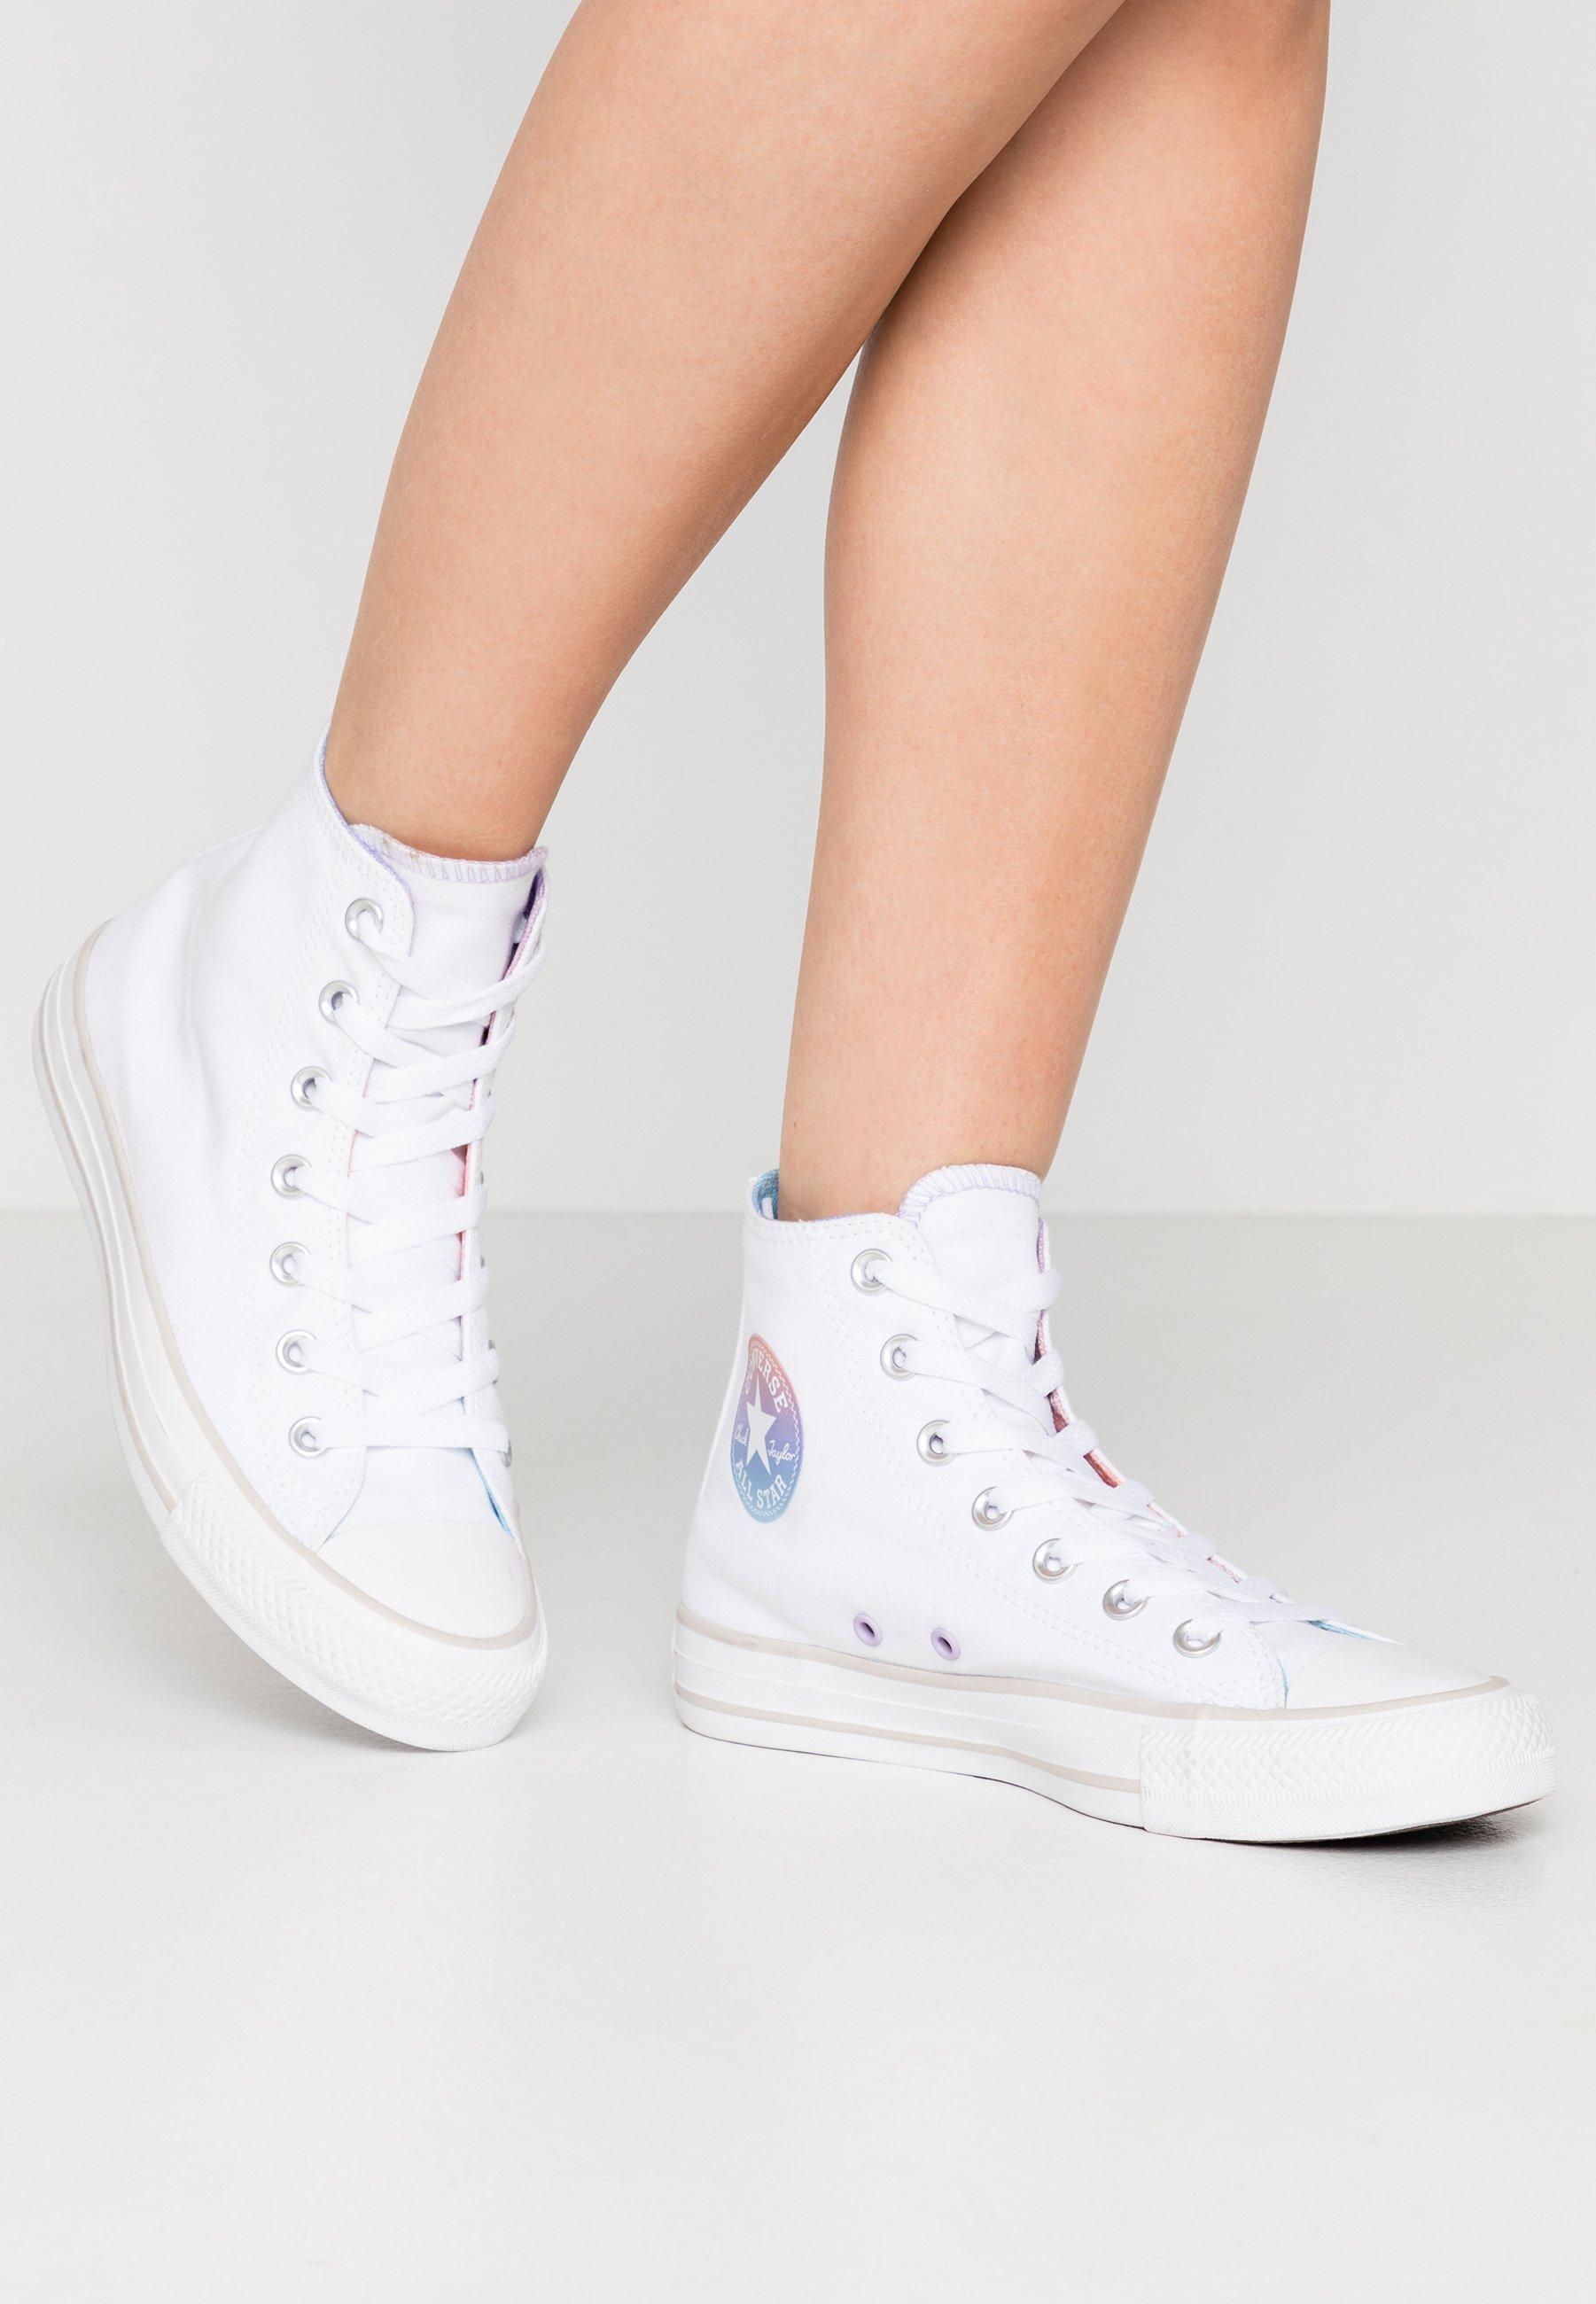 Converse | Sneakers für Jung und Alt | bei ZALANDO